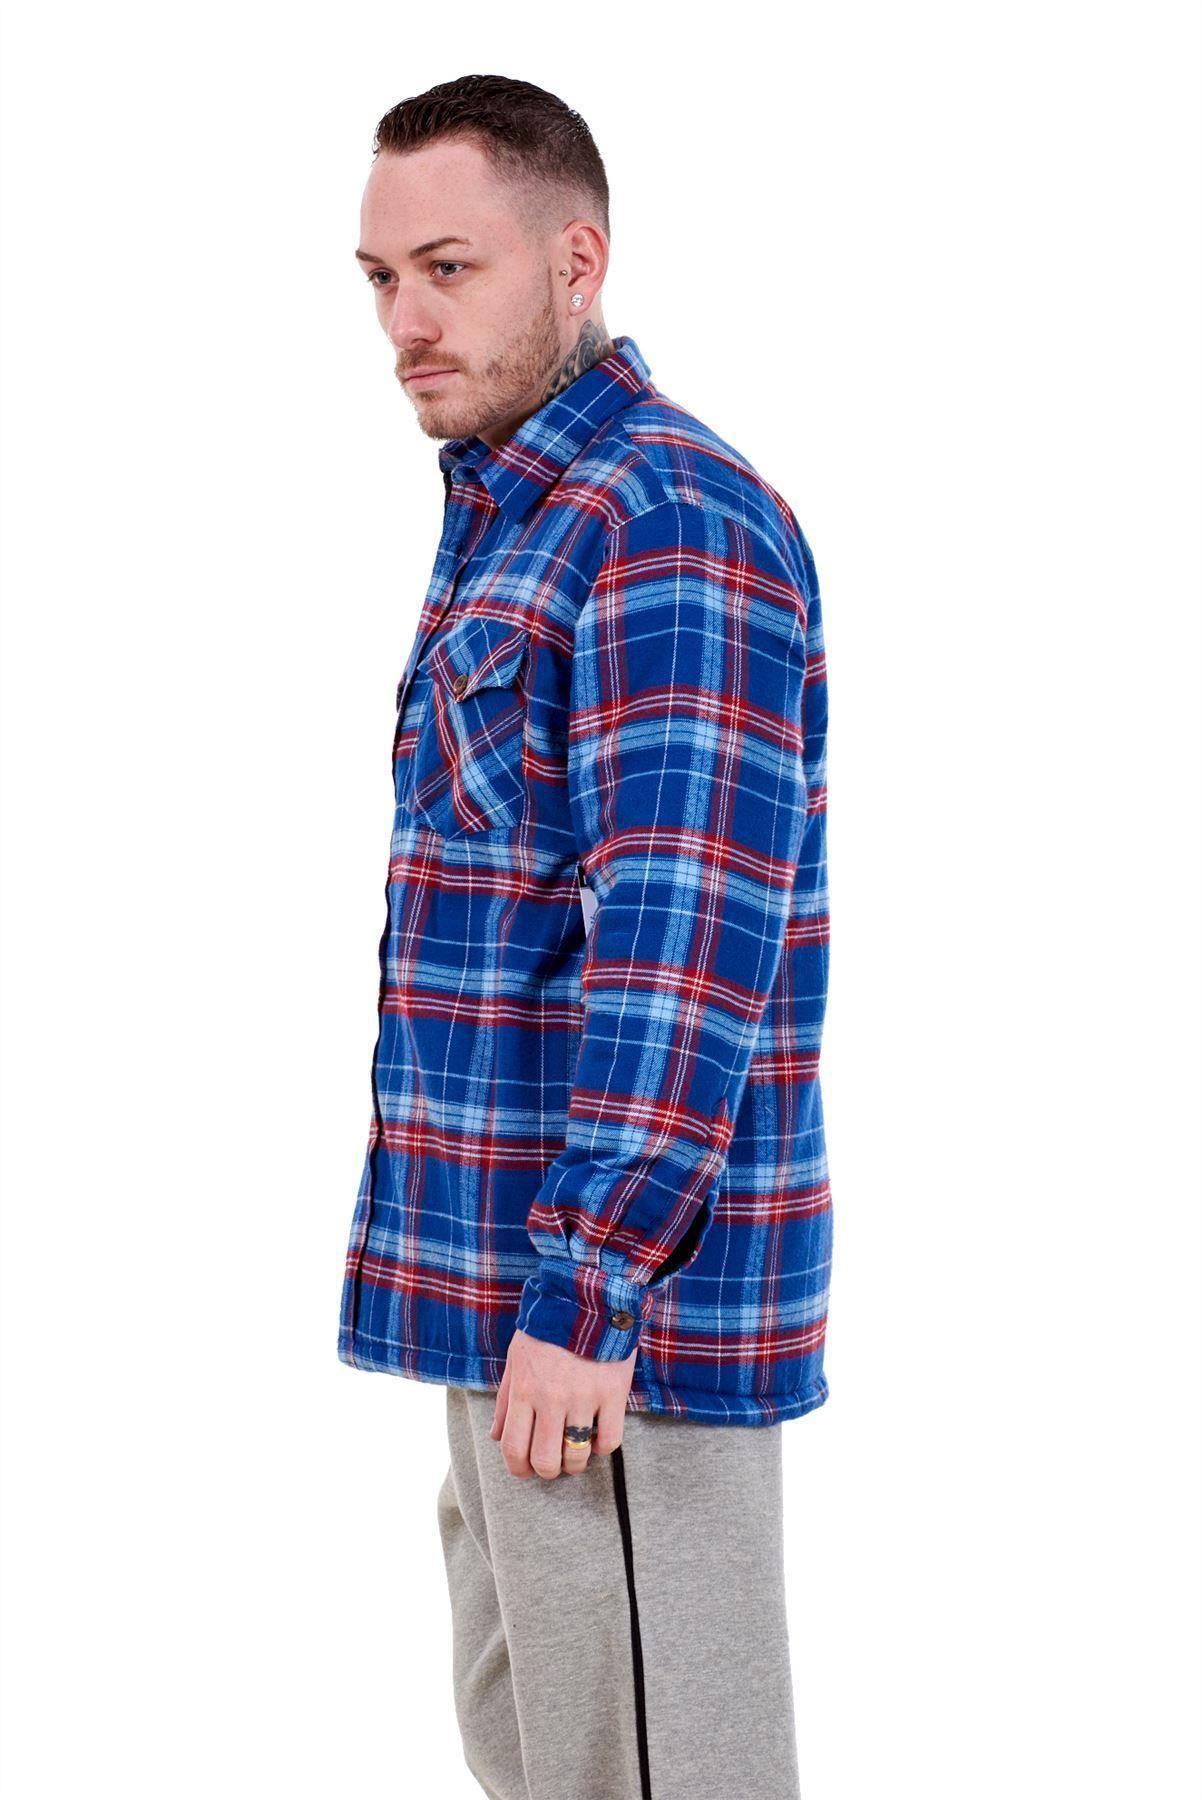 Flanella-Da-Uomo-Imbottito-Work-Shirt-Filato-Tinto-trapuntato-boscaiolo-Giacca-Regolare-amp-Big miniatura 13